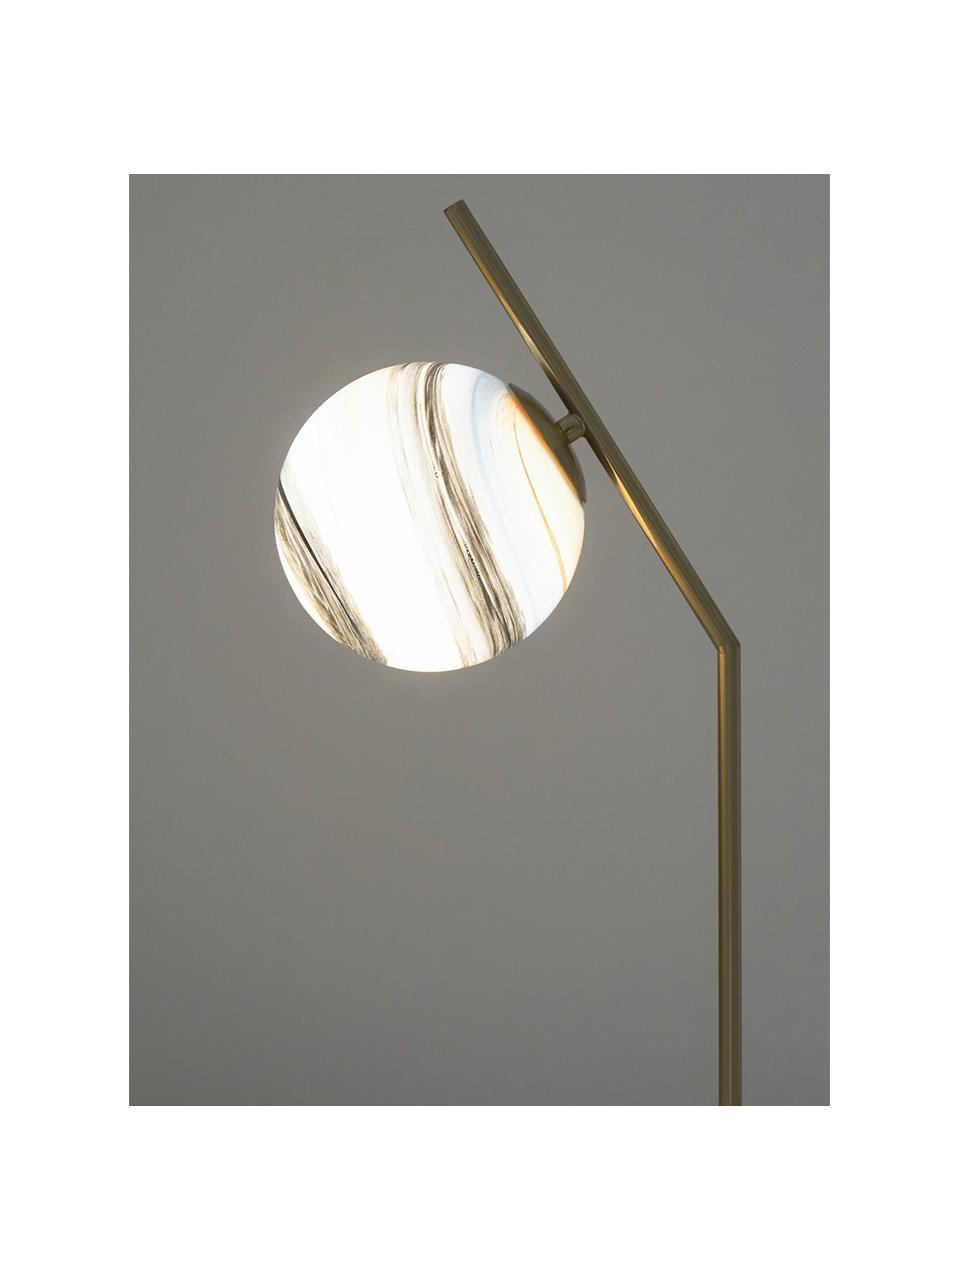 Grote tafellamp Opaal met marmeren voet, Lampenkap: glas, Lampvoet: marmer, Messingkleurig, wit, pastelkleurig, 25 x 56 cm